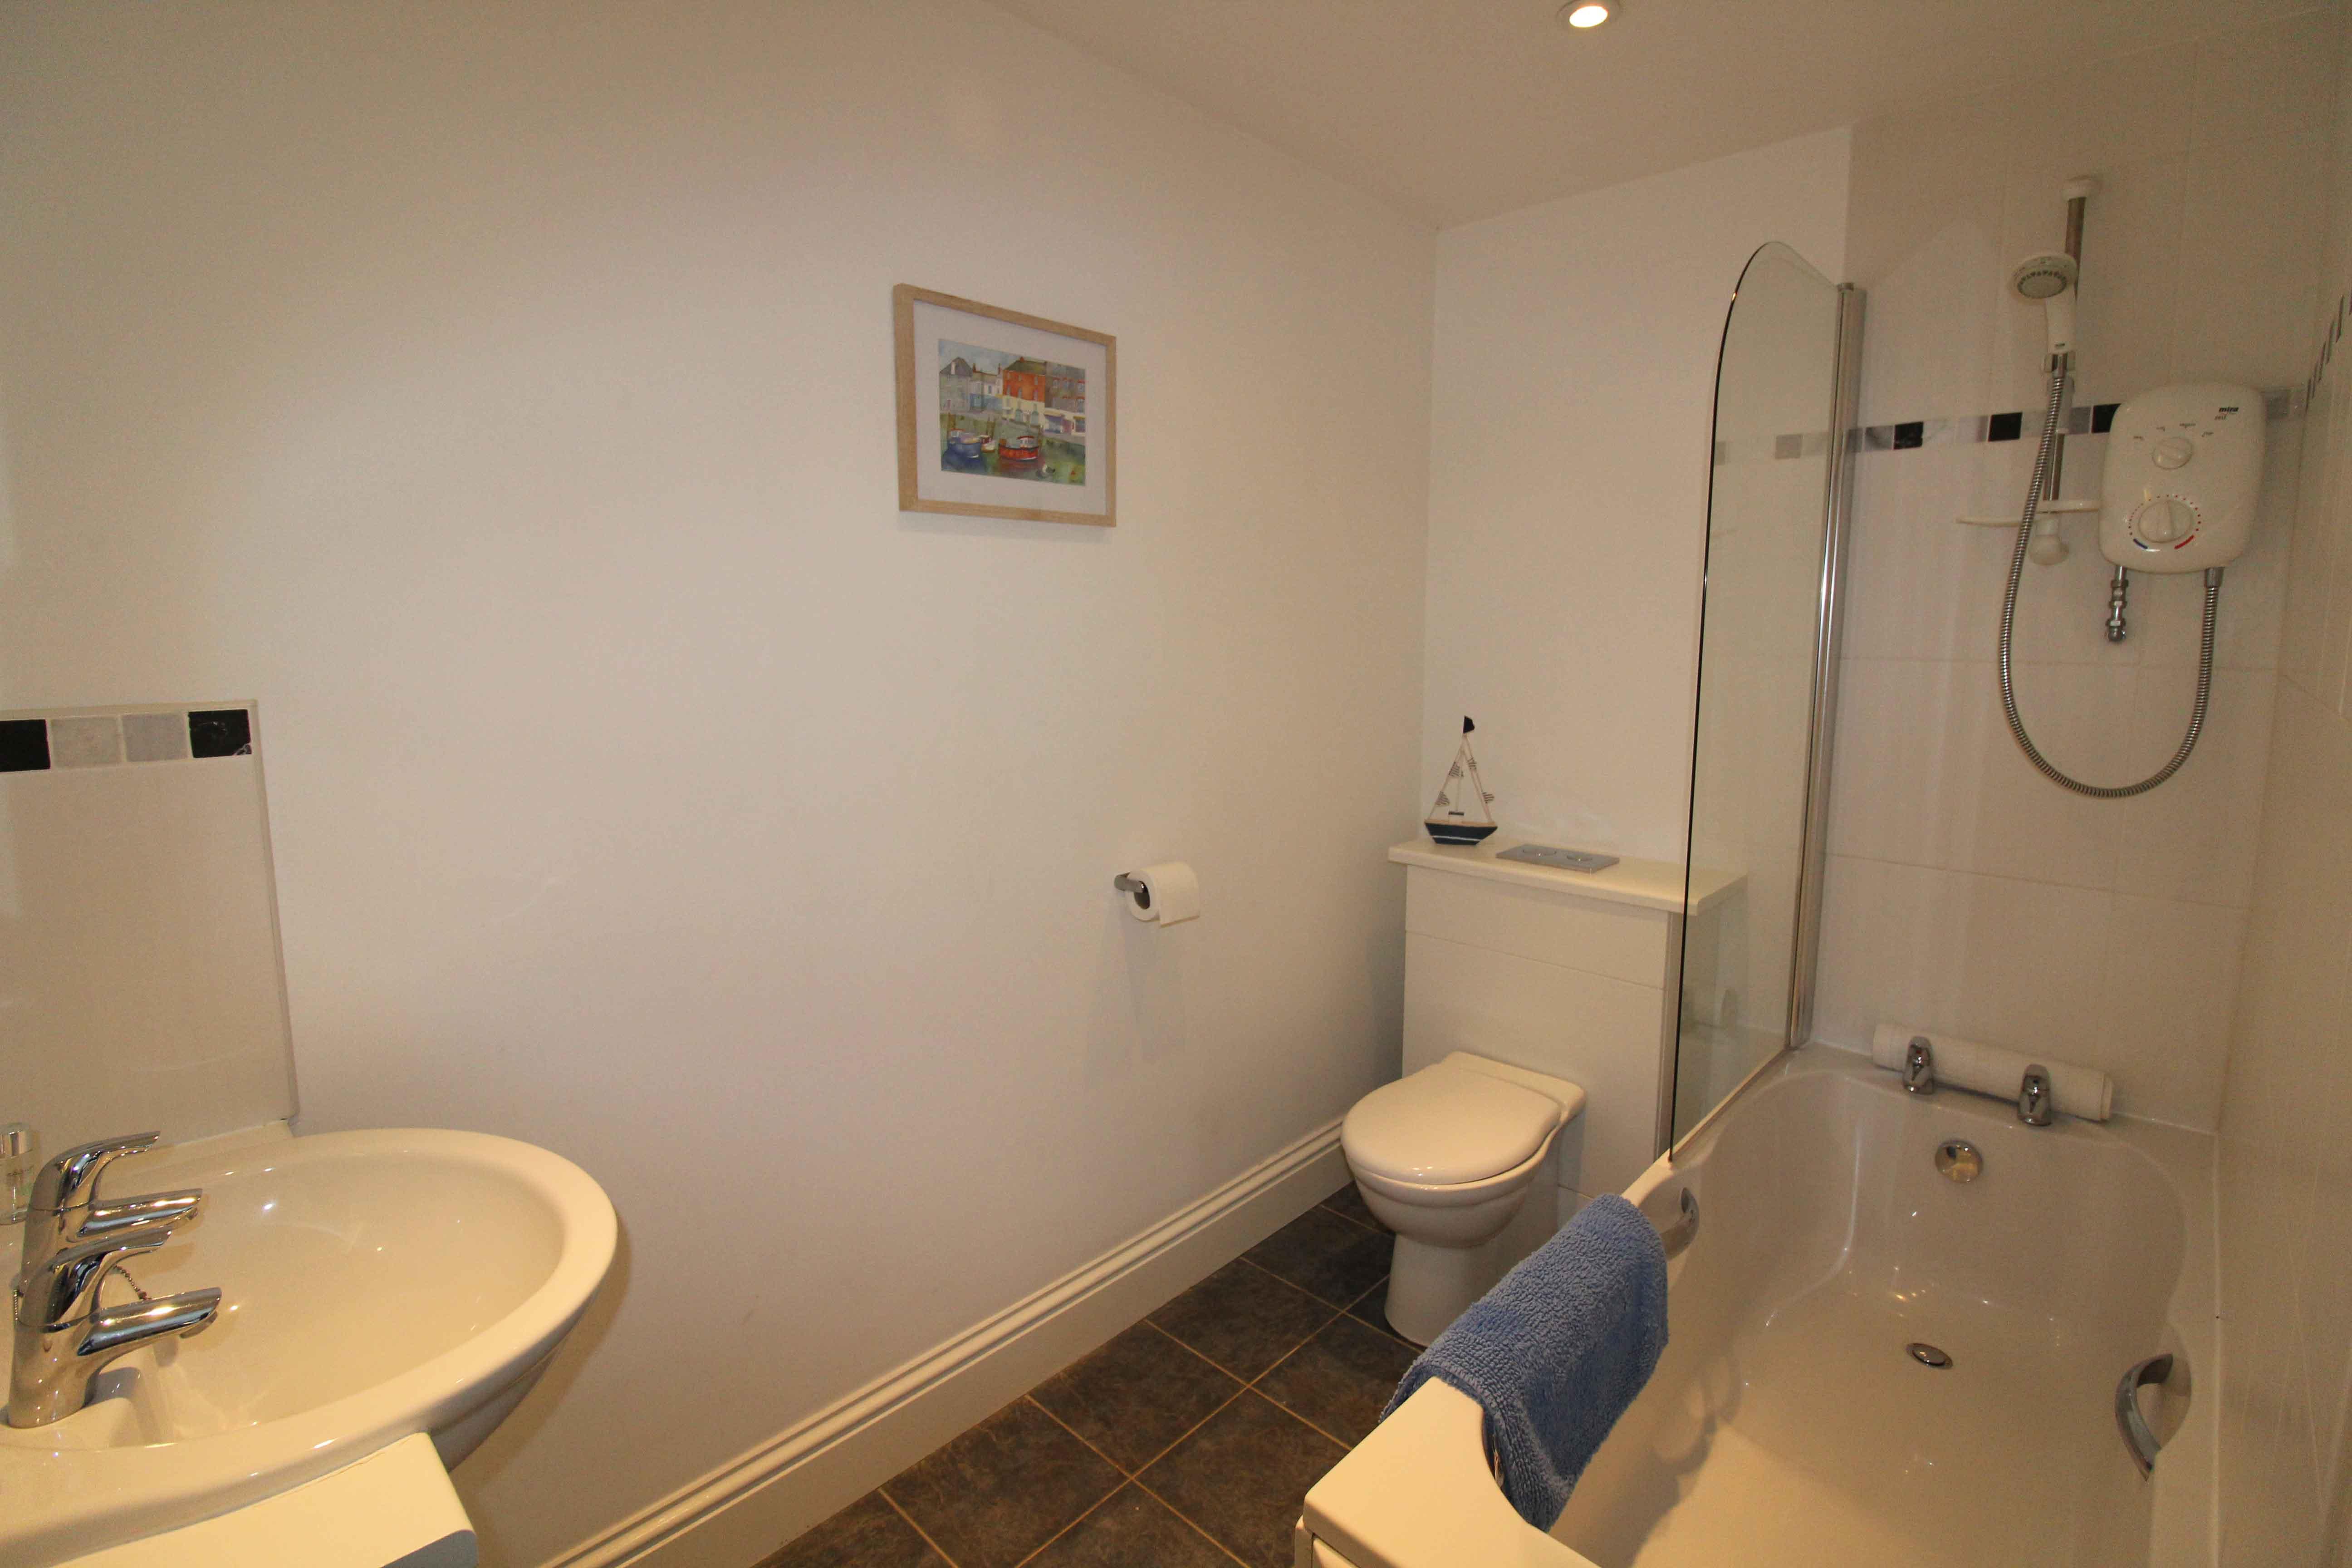 7-Briarhill---Master-Bedroom-en-suite